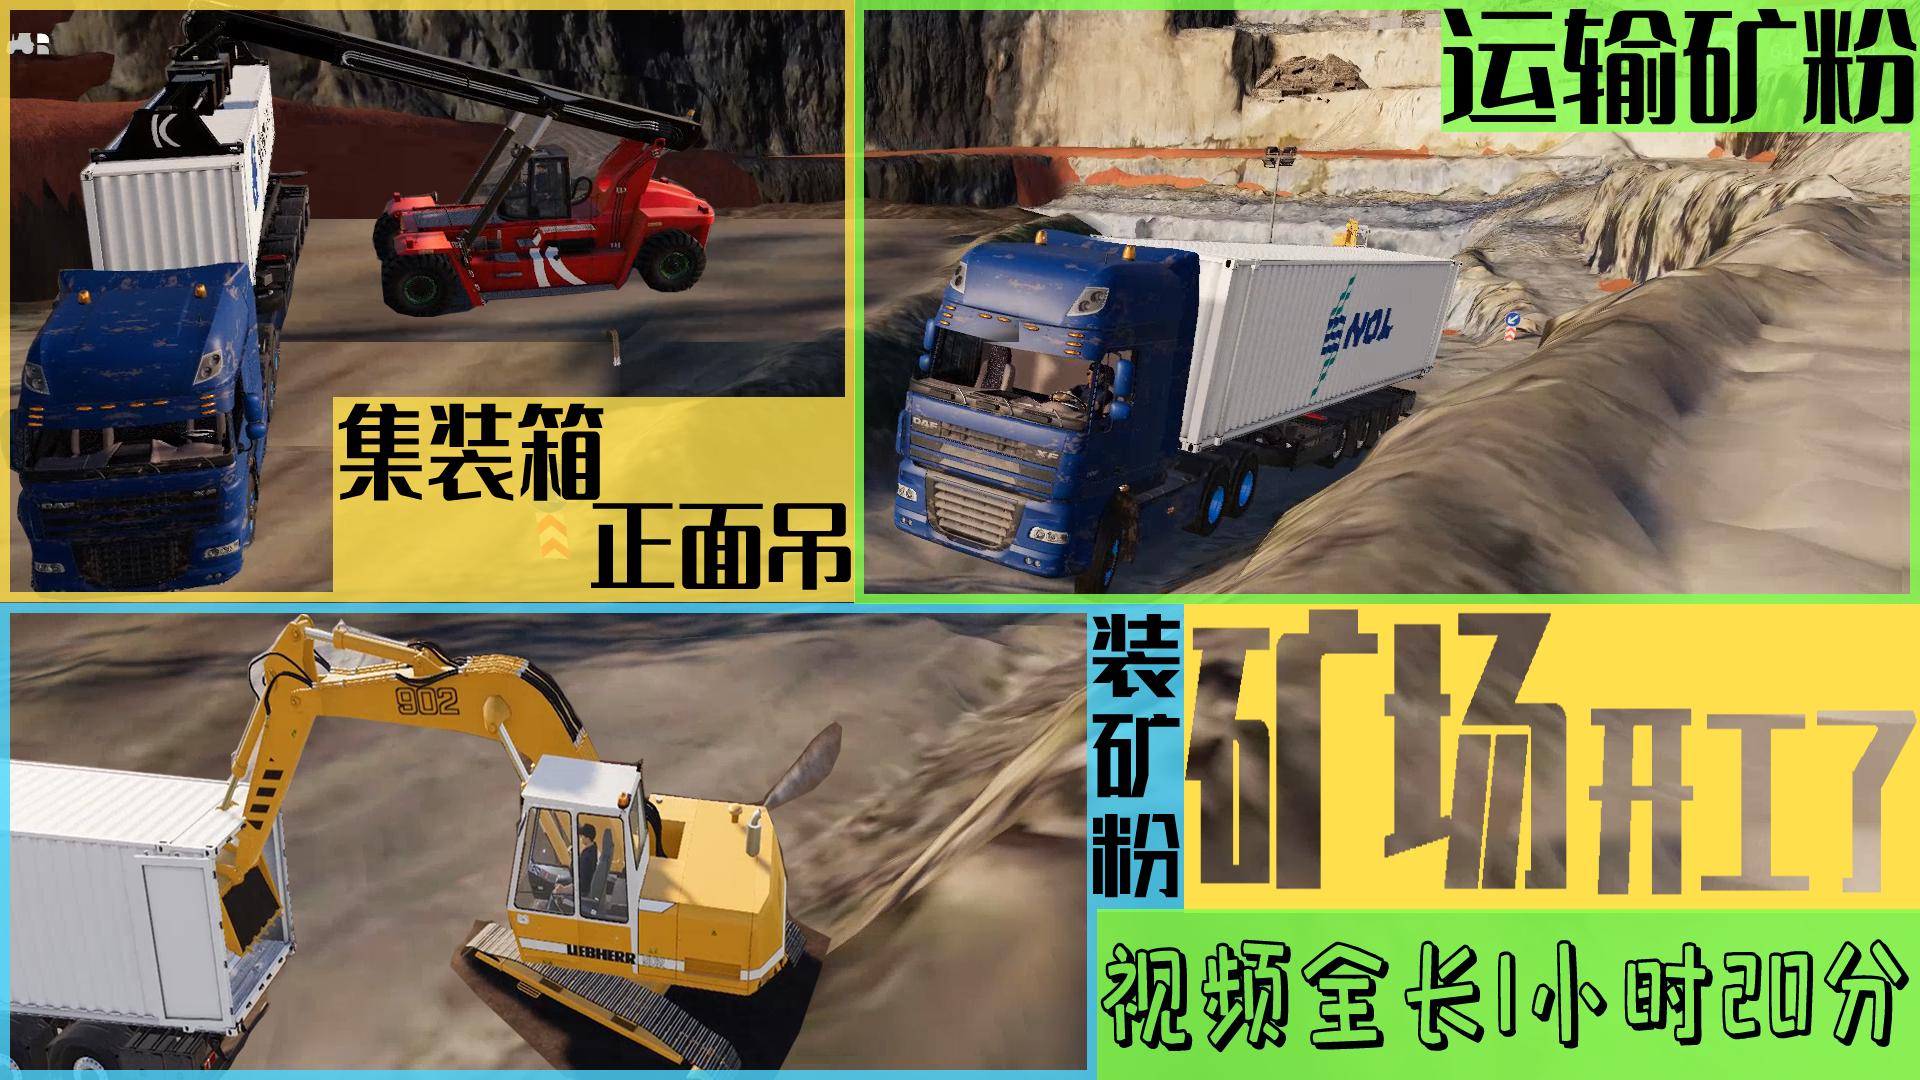 模拟农场19:矿场开工,正面吊负责卸车,挖掘机负责装车